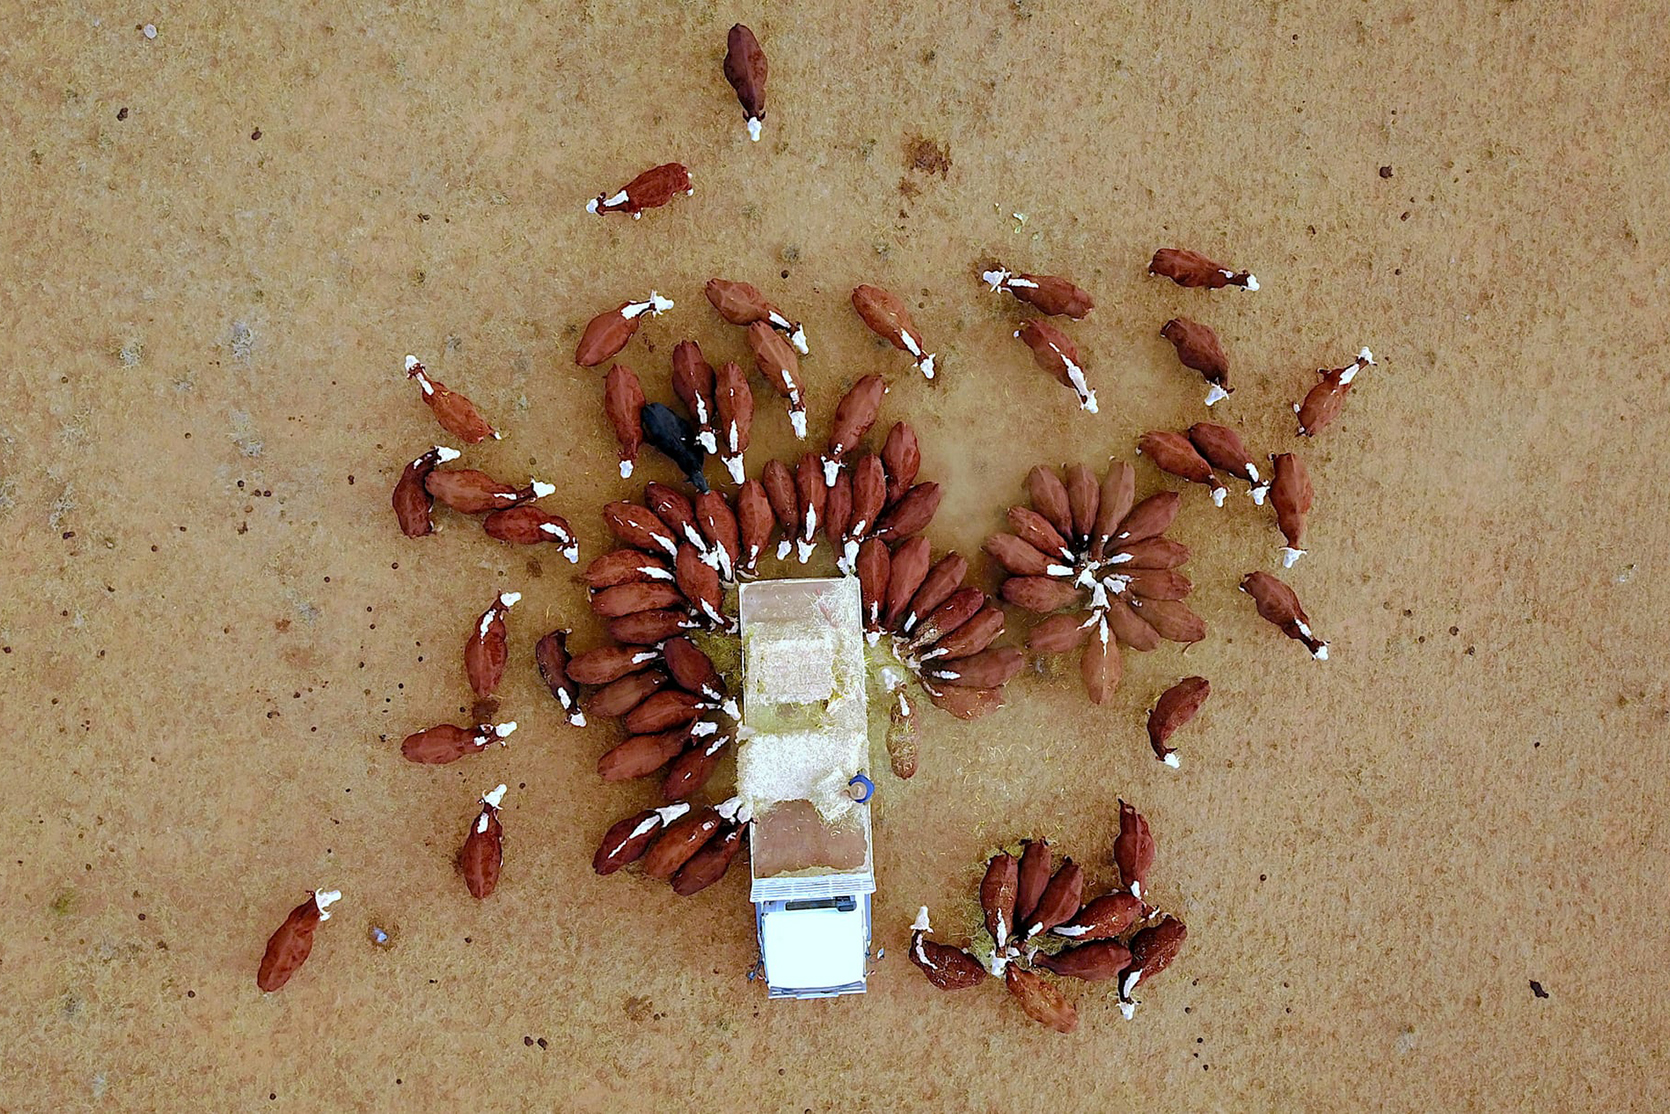 Фото дня: засуха в Австралии с высоты птичьего полета Фото дня: засуха в Австралии с высоты птичьего полета 1